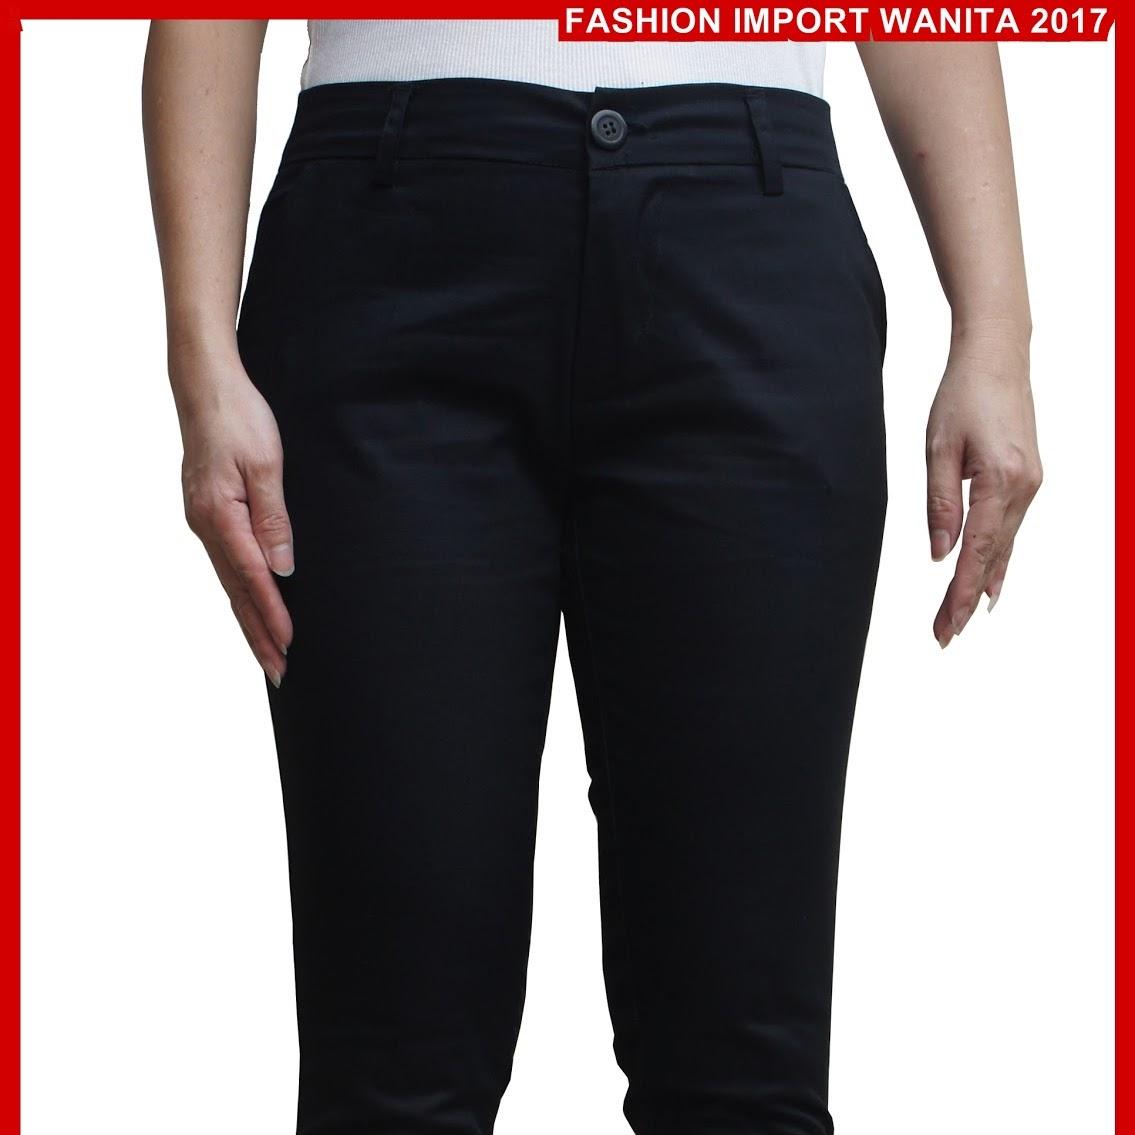 ADR093 Celana Wanita Hitam Panjang Chino Import BMG